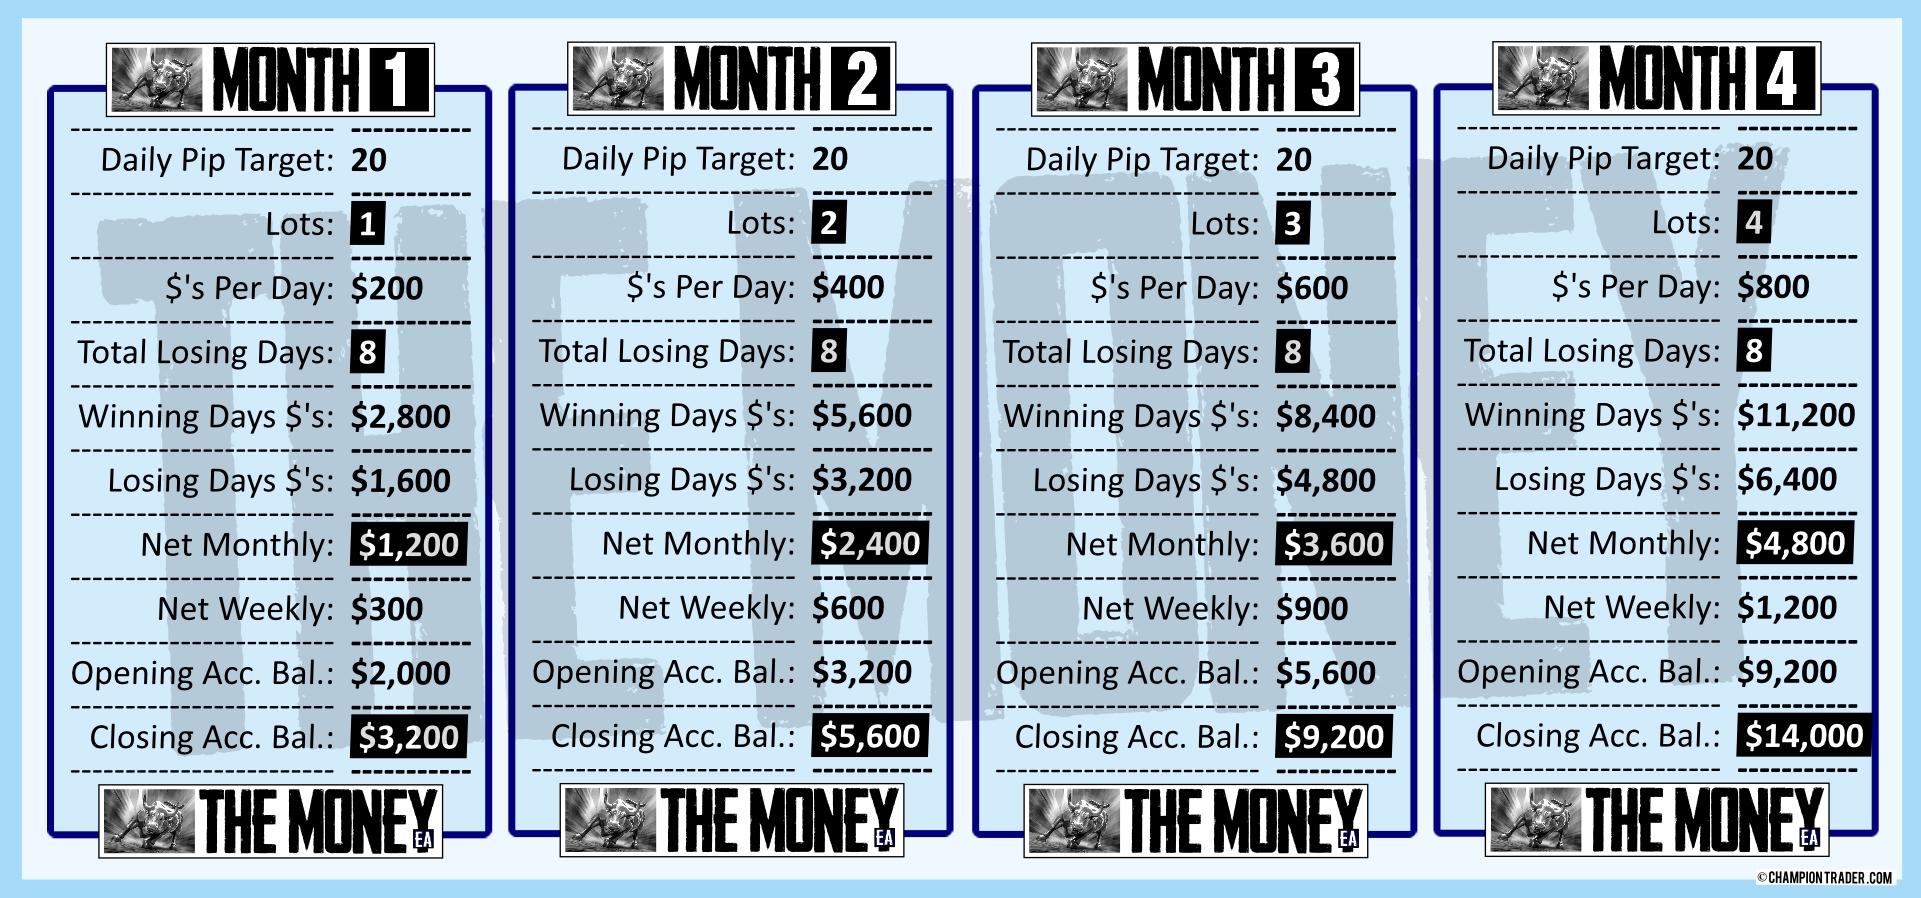 v2 MONTHS 1-4 trading with The Money EA forex expert advisor logo start making money today